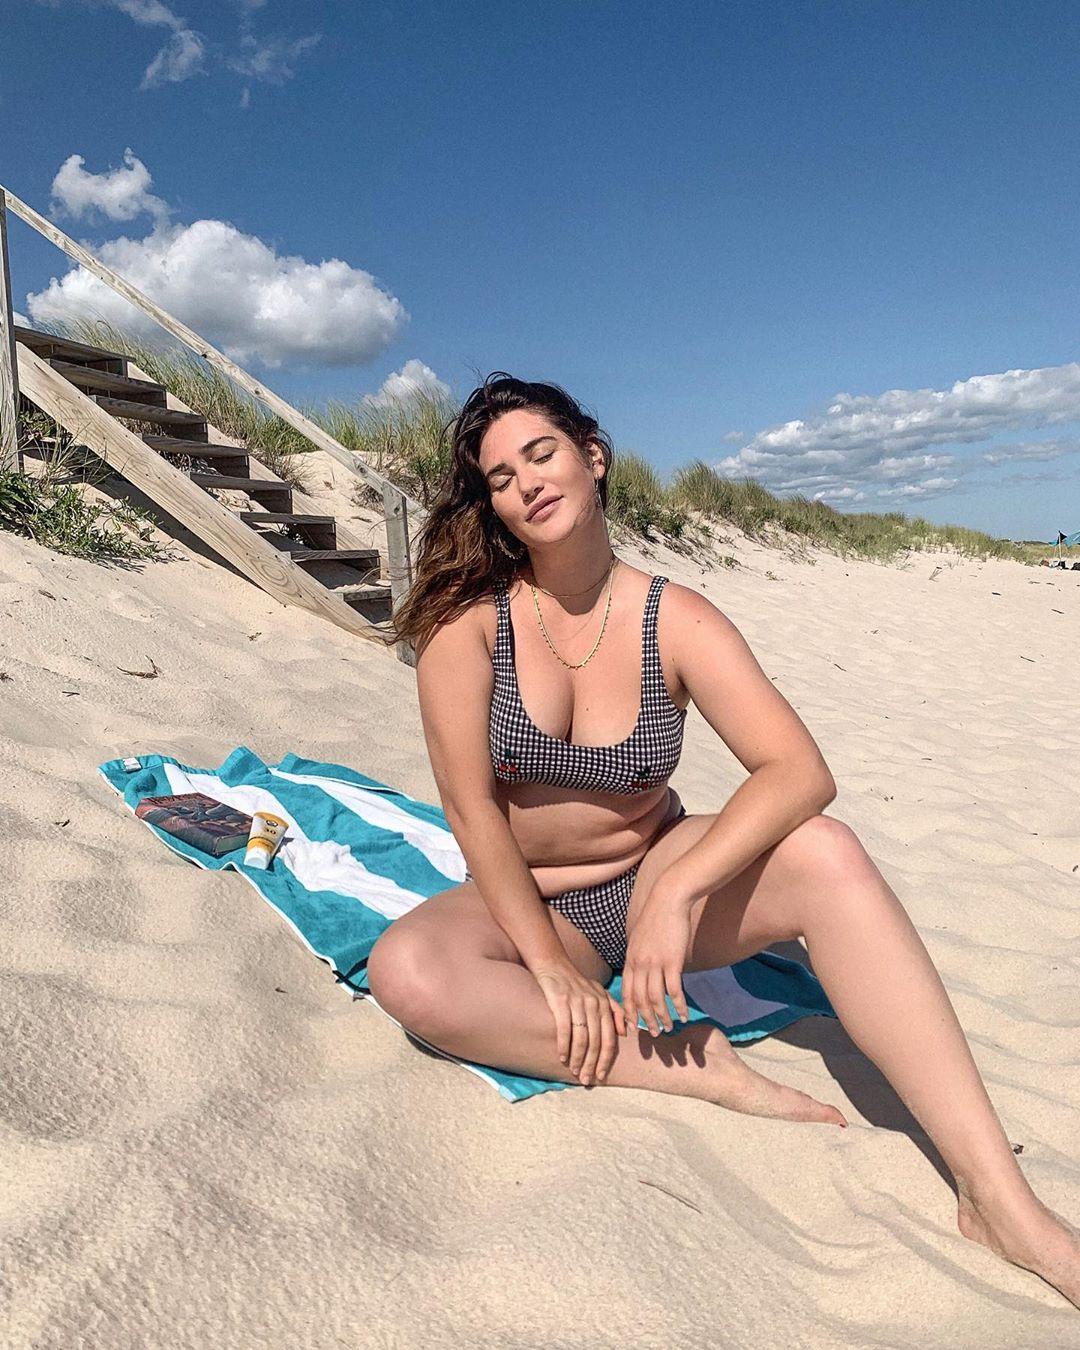 Modelo de tallas extra posando en la playa